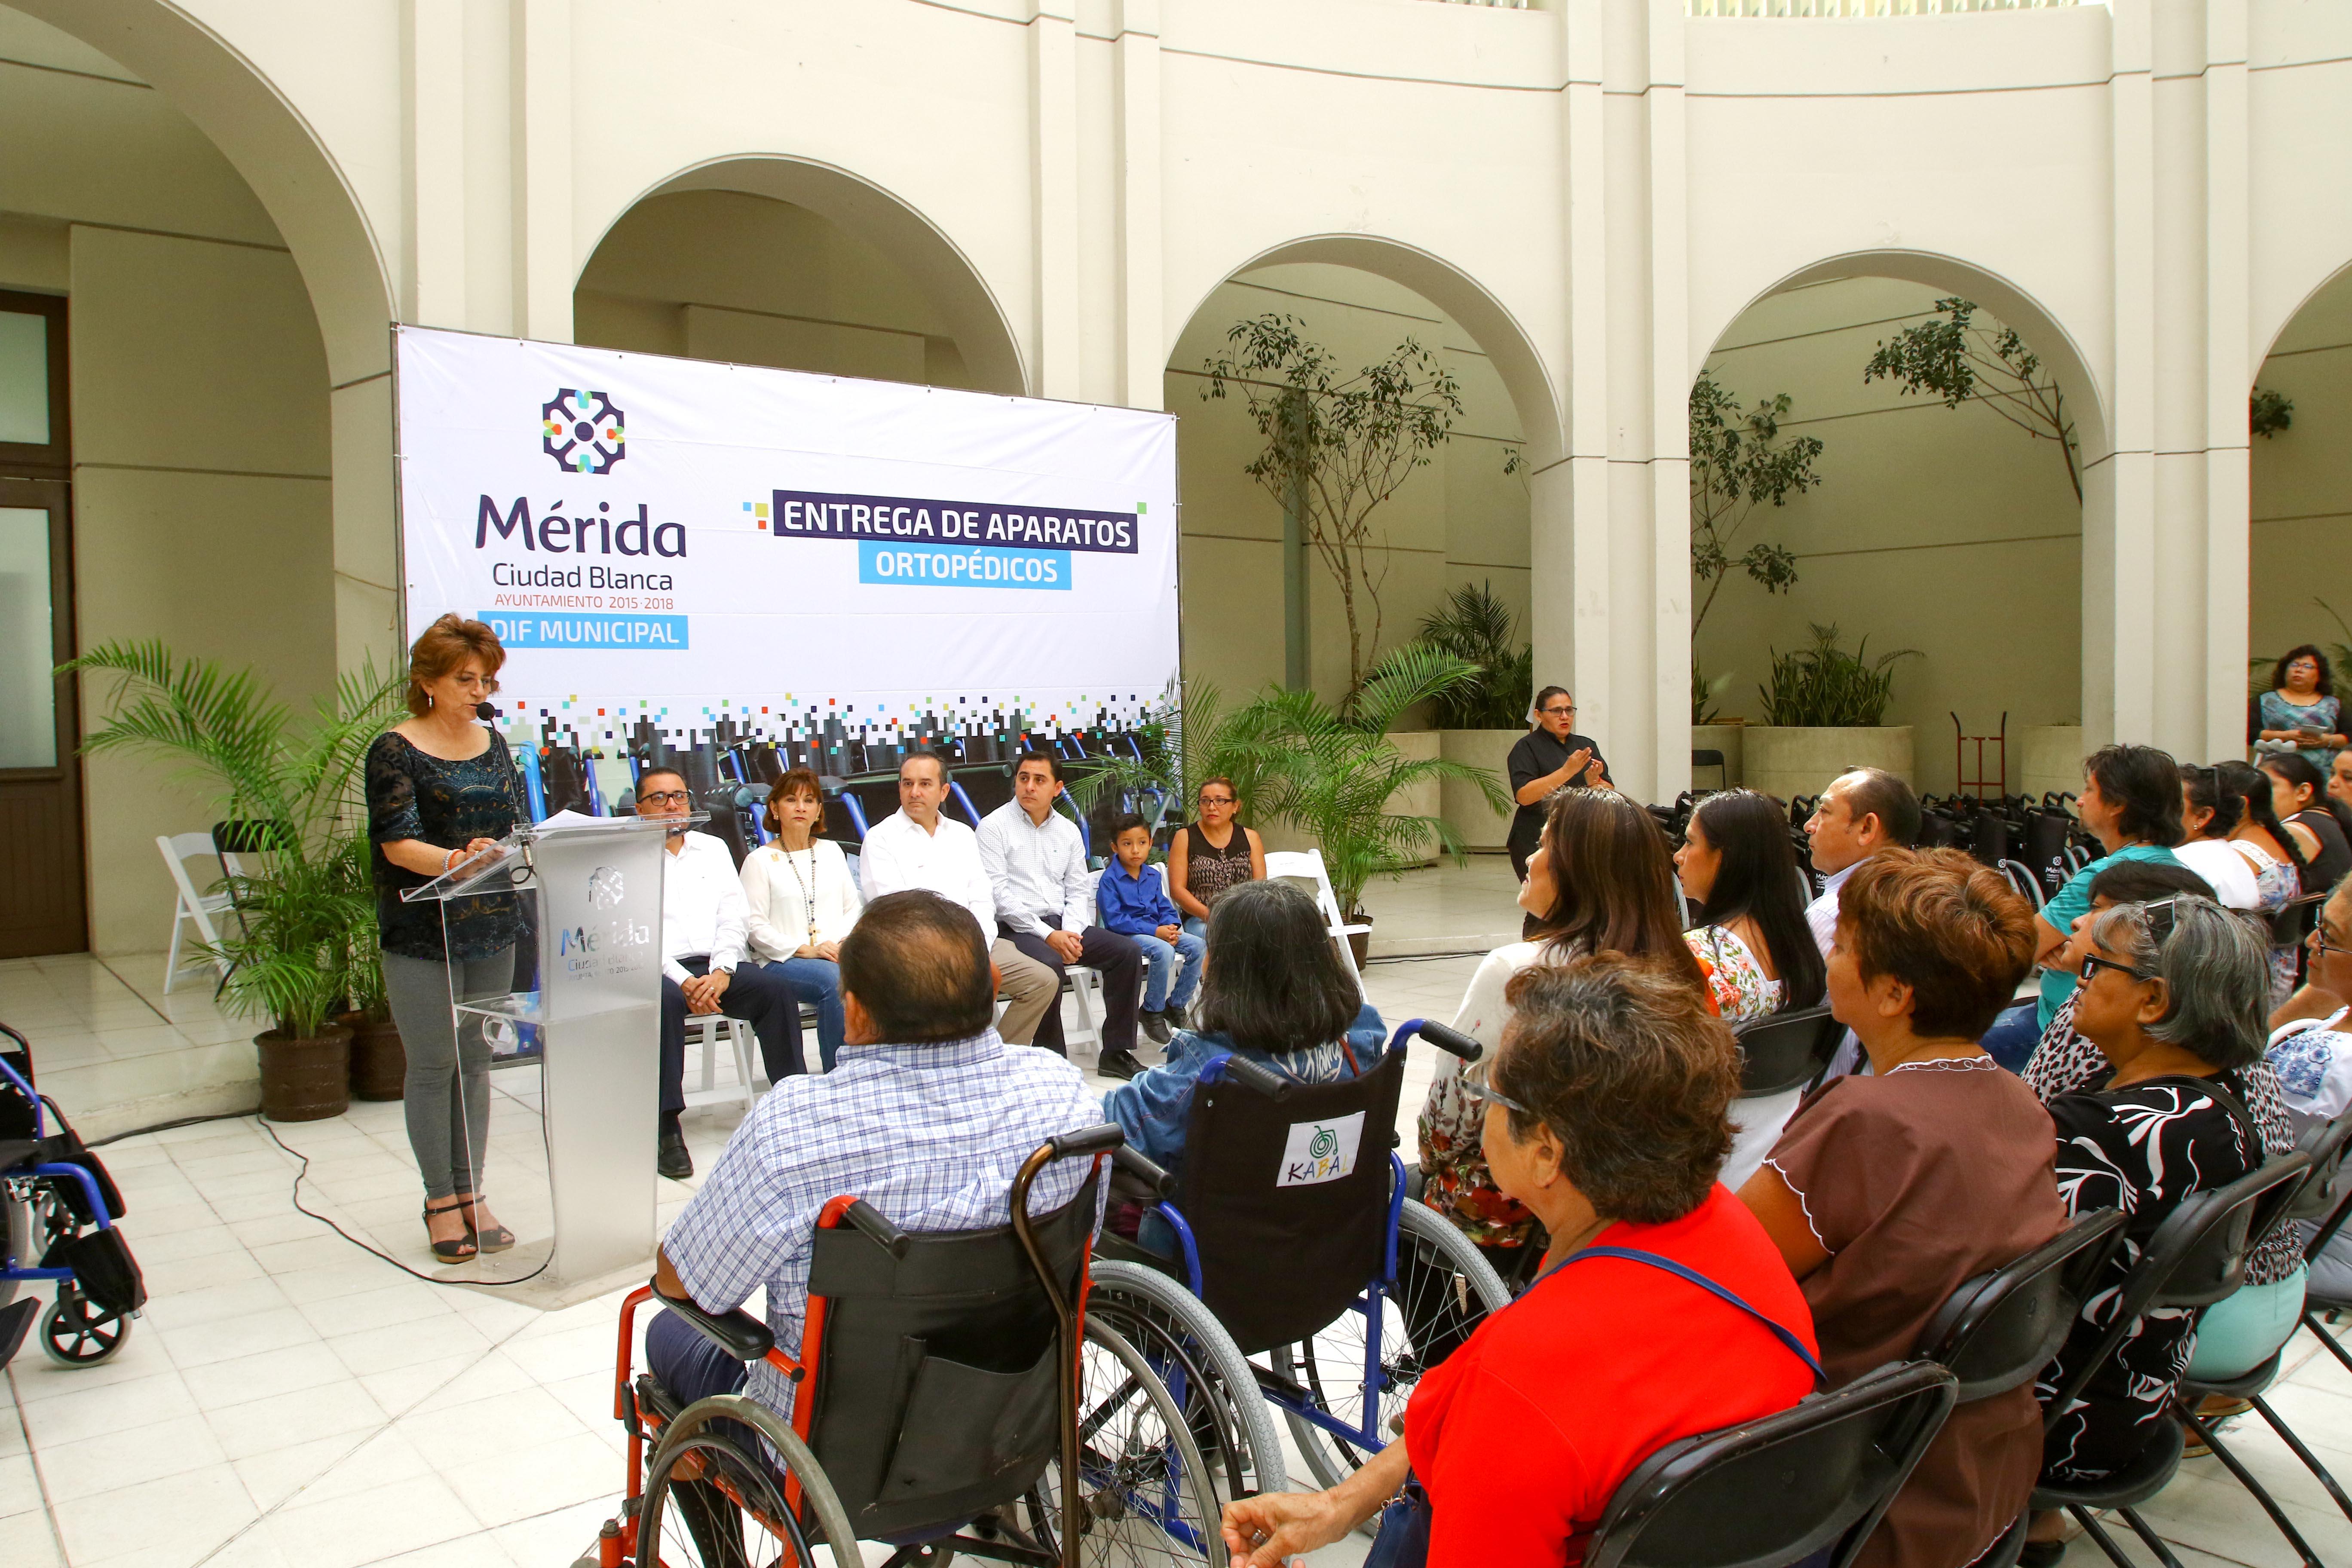 Entrega de aparatos ortopédicos alcanza a mil 400 familias en Mérida